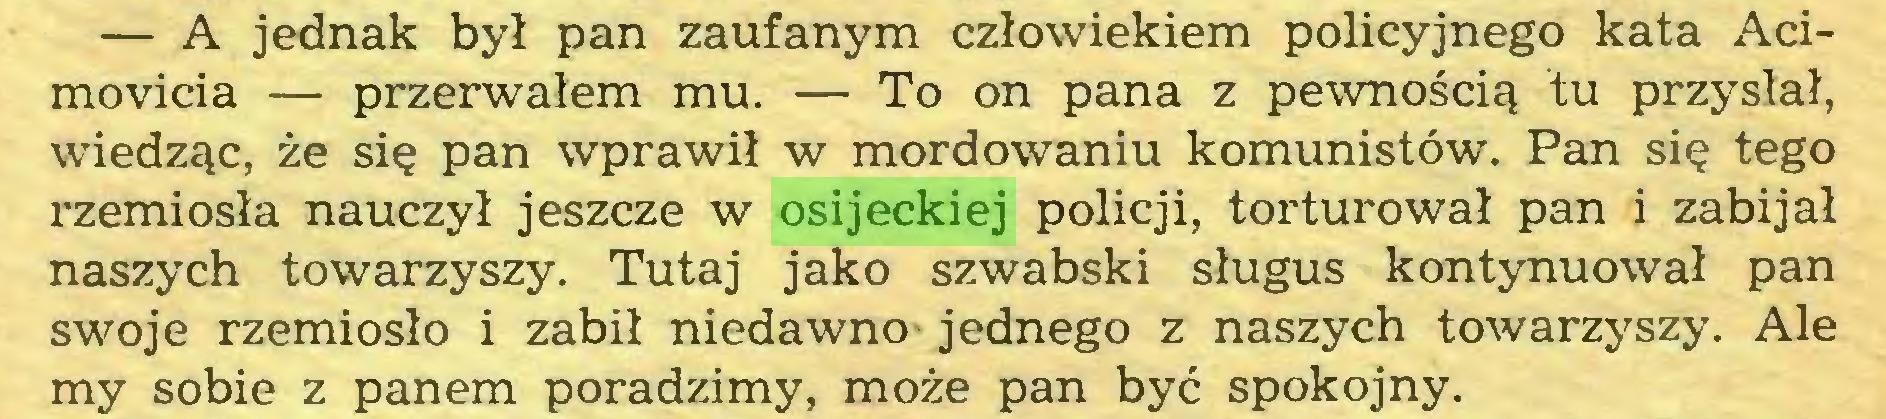 (...) — A jednak był pan zaufanym człowiekiem policyjnego kata Acimovicia — przerwałem mu. — To on pana z pewnością tu przysłał, wiedząc, że się pan wprawił w mordowaniu komunistów. Pan się tego rzemiosła nauczył jeszcze w osijeckiej policji, torturował pan i zabijał naszych towarzyszy. Tutaj jako szwabski sługus kontynuował pan swoje rzemiosło i zabił niedawno- jednego z naszych towarzyszy. Ale my sobie z panem poradzimy, może pan być spokojny...